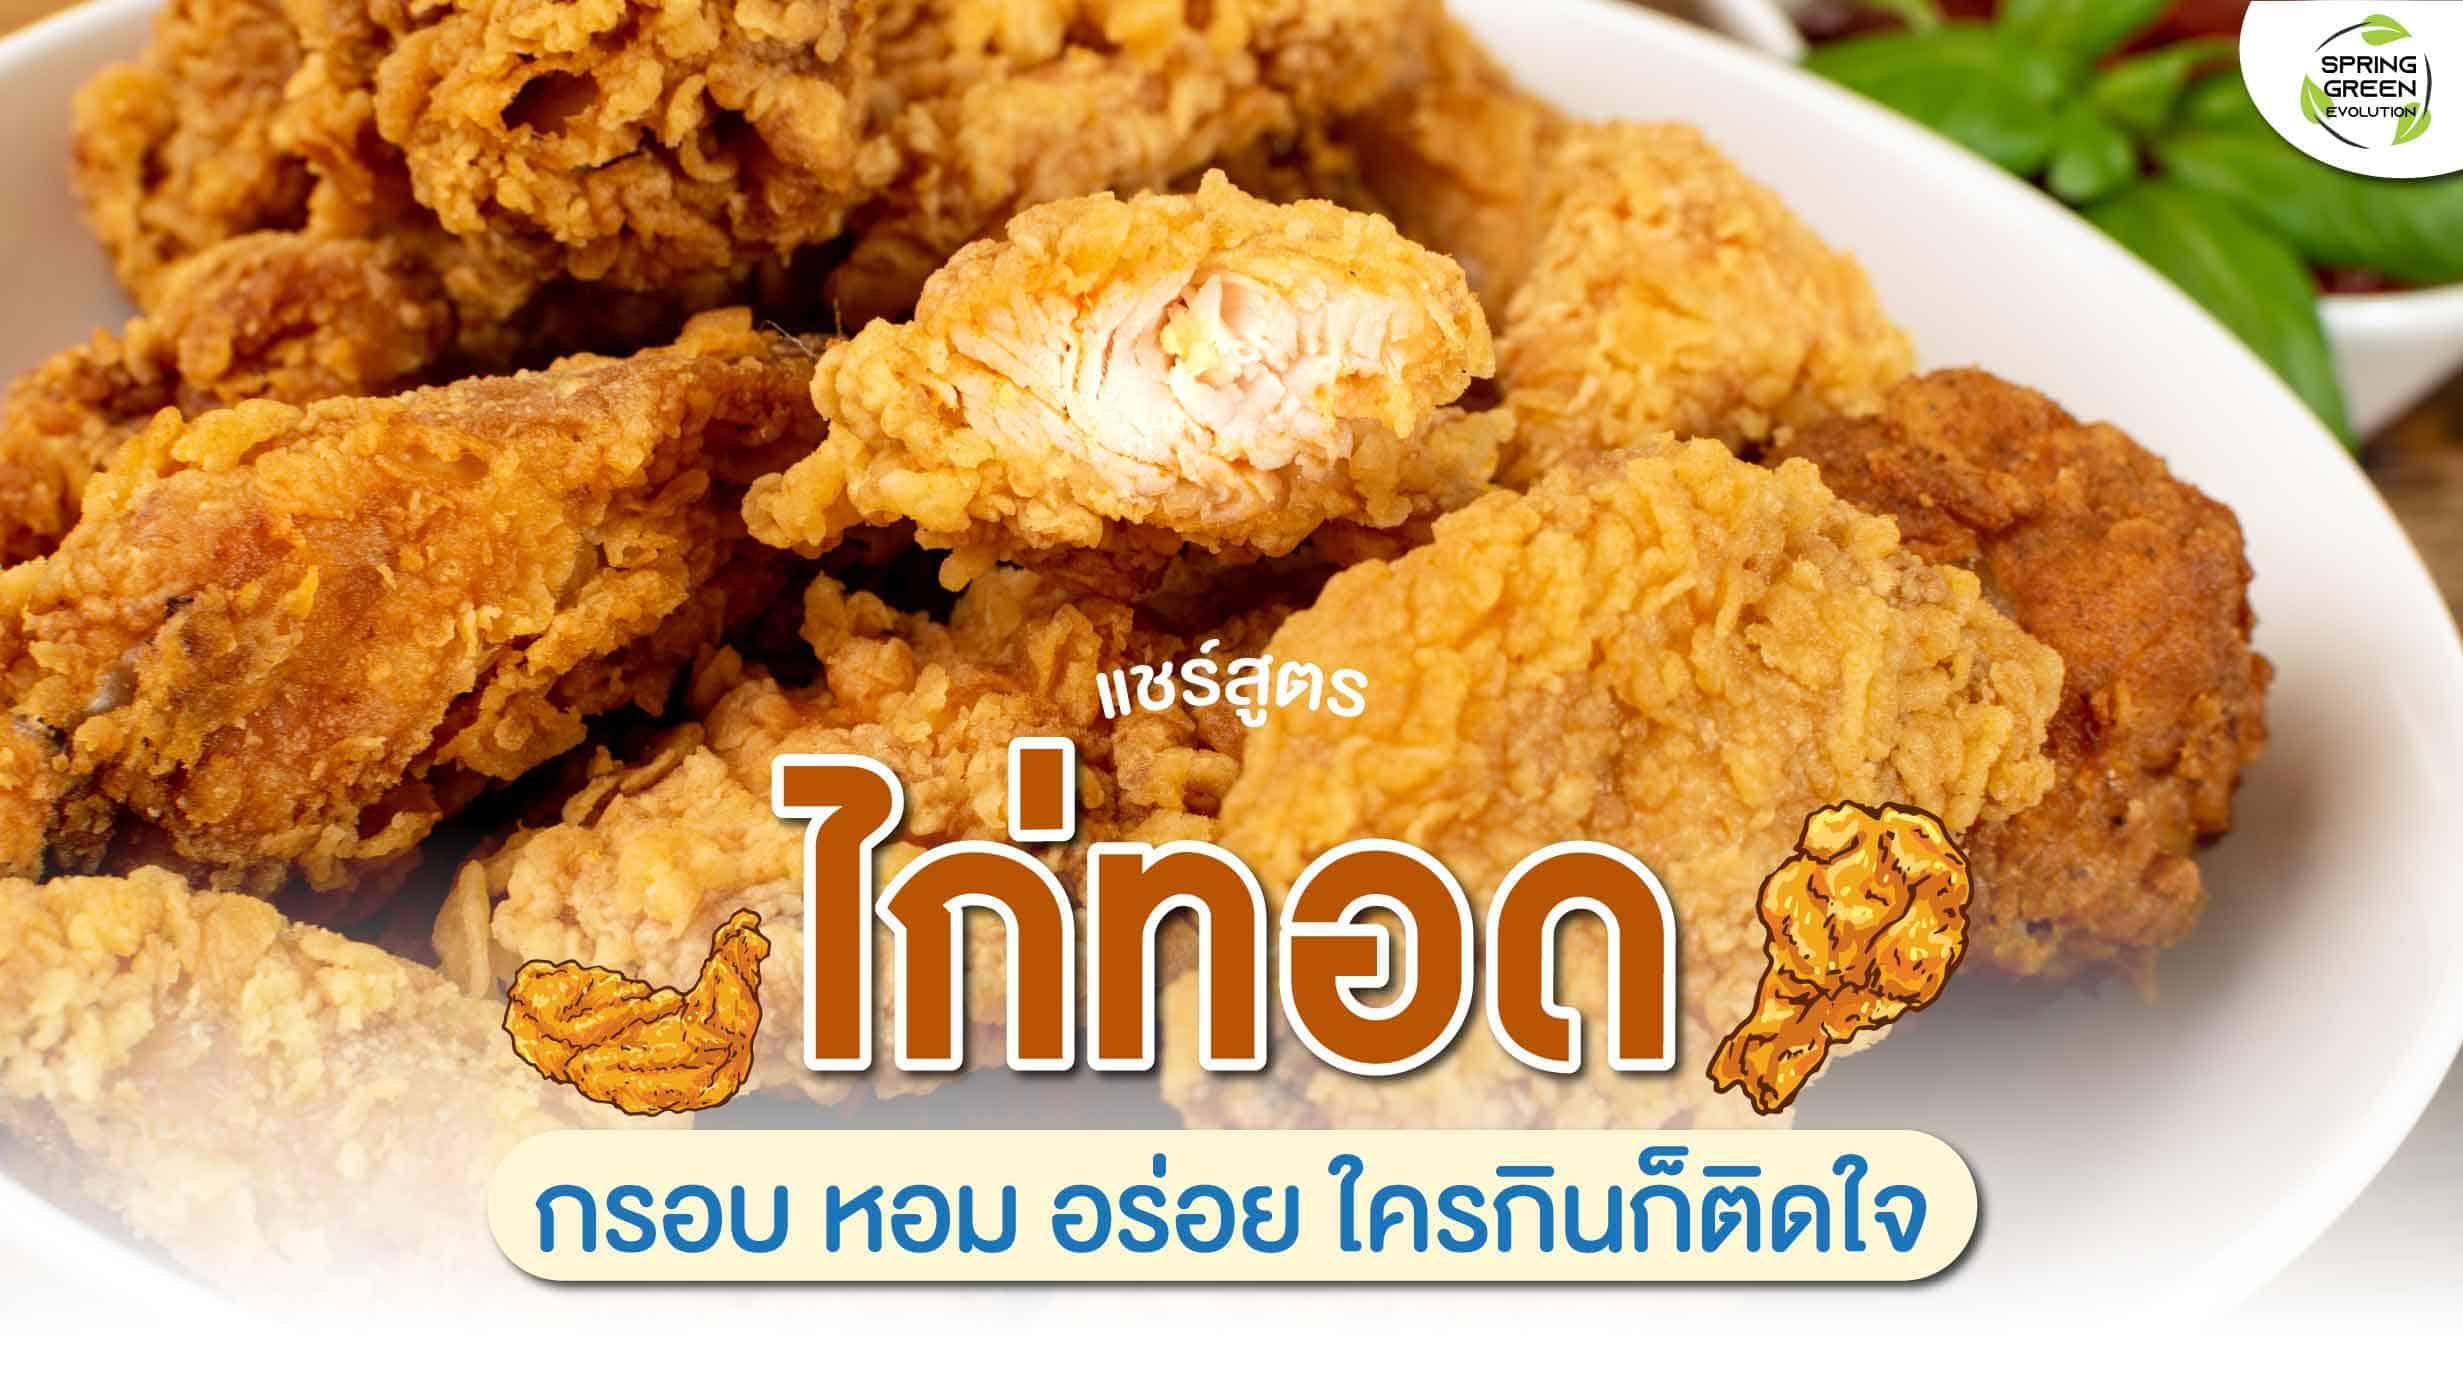 210730-Content-สูตรไก่ทอด-ยอดฮิต-ทำกิน-ทำขาย-สร้างอาชีพ!01